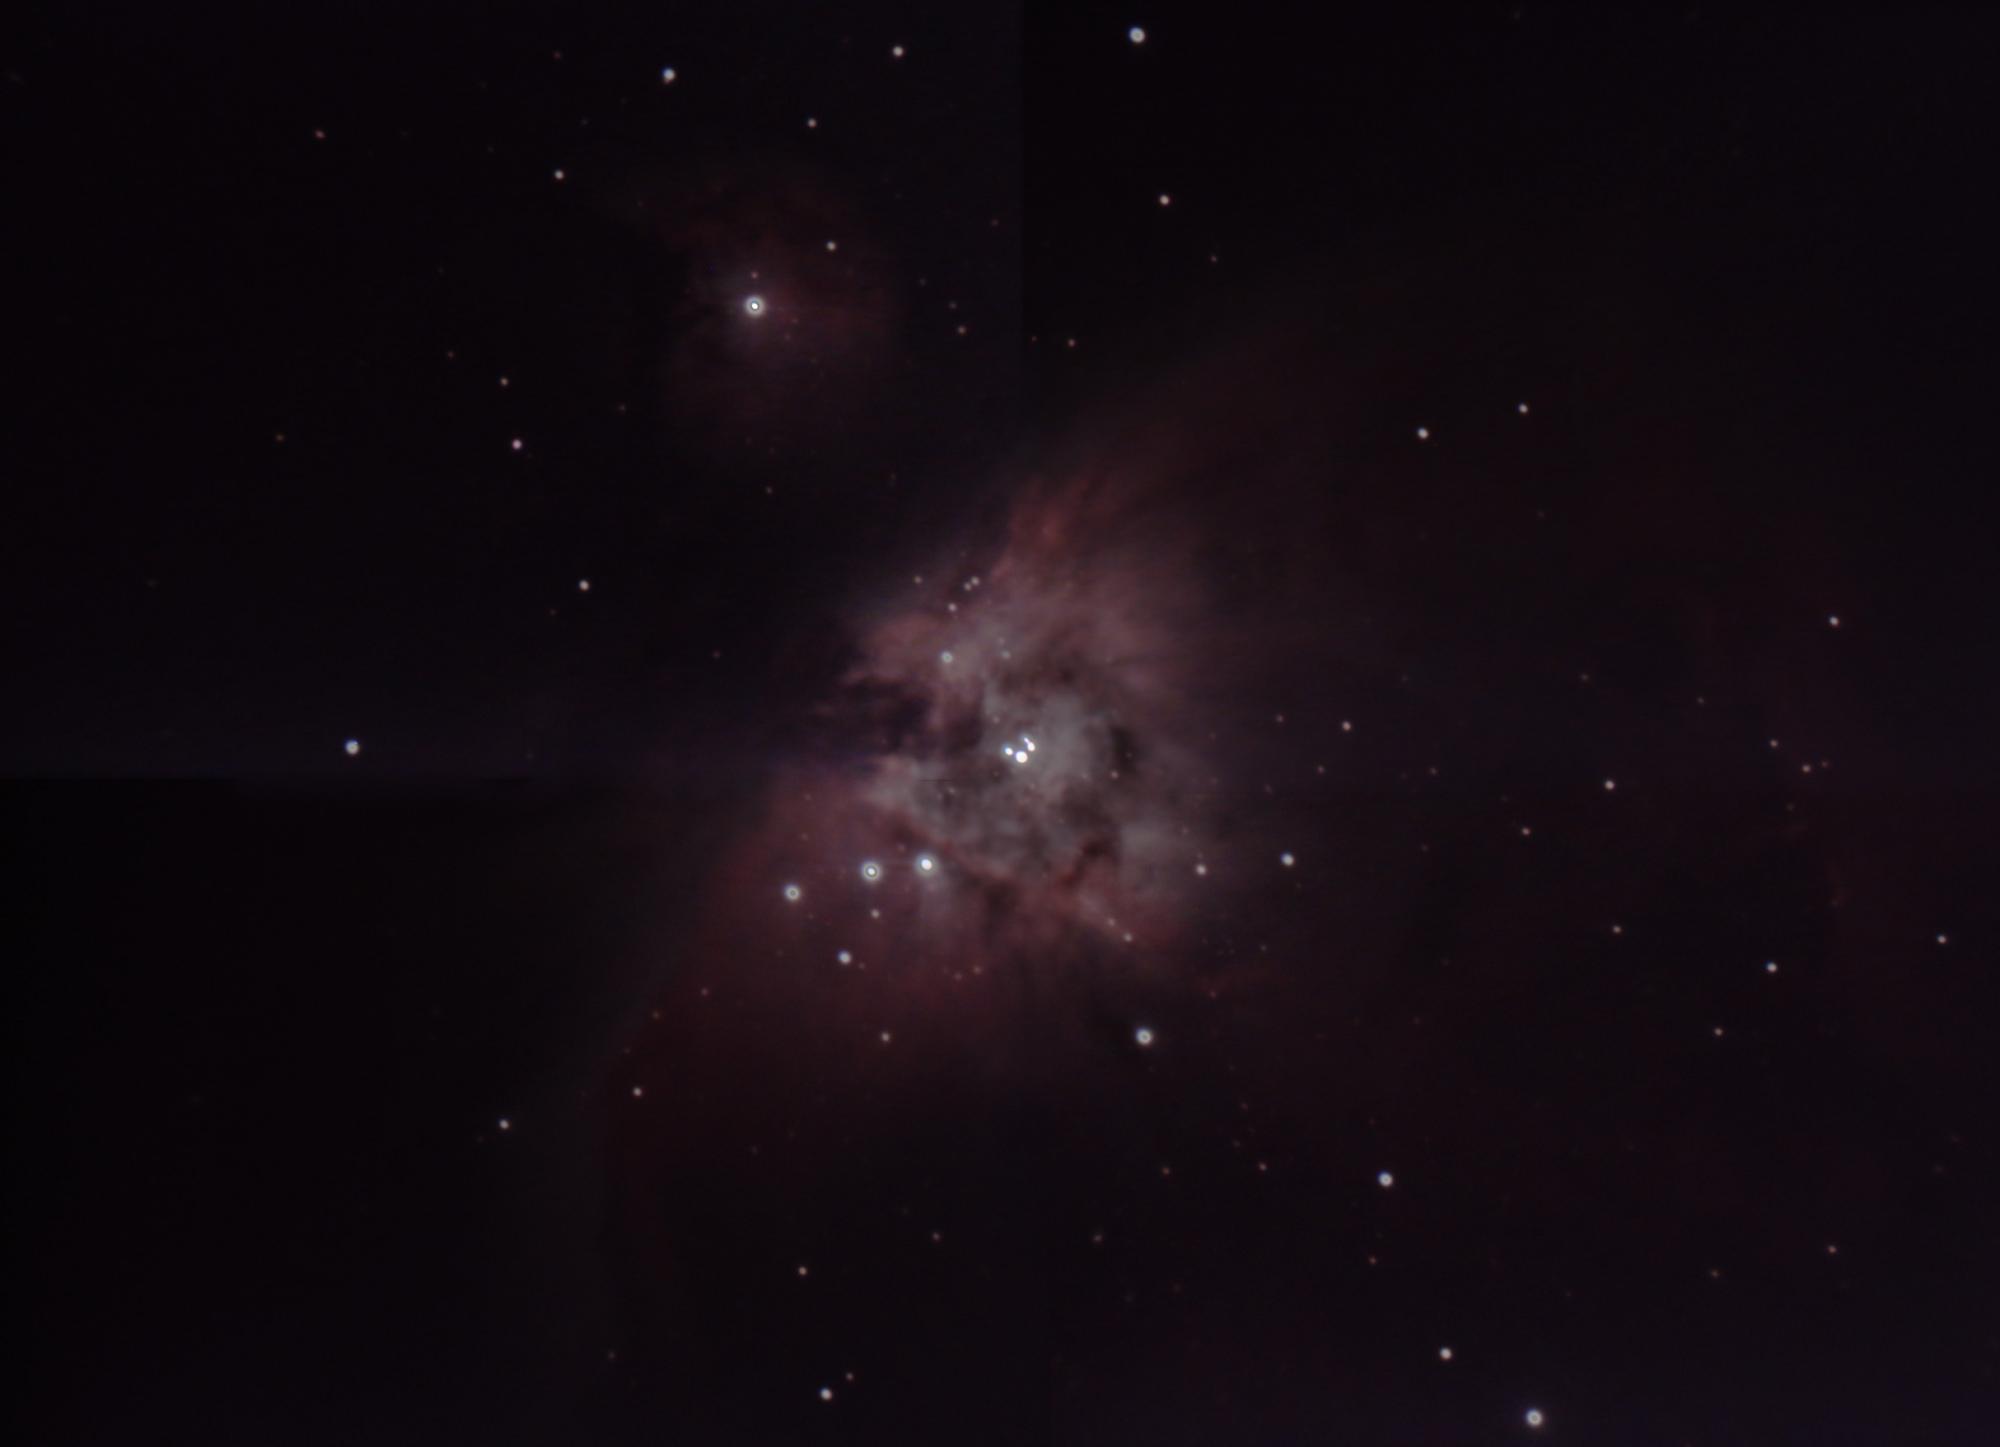 Orion02.thumb.jpg.0df2e56e776cc928efc11abe3c013cf1.jpg